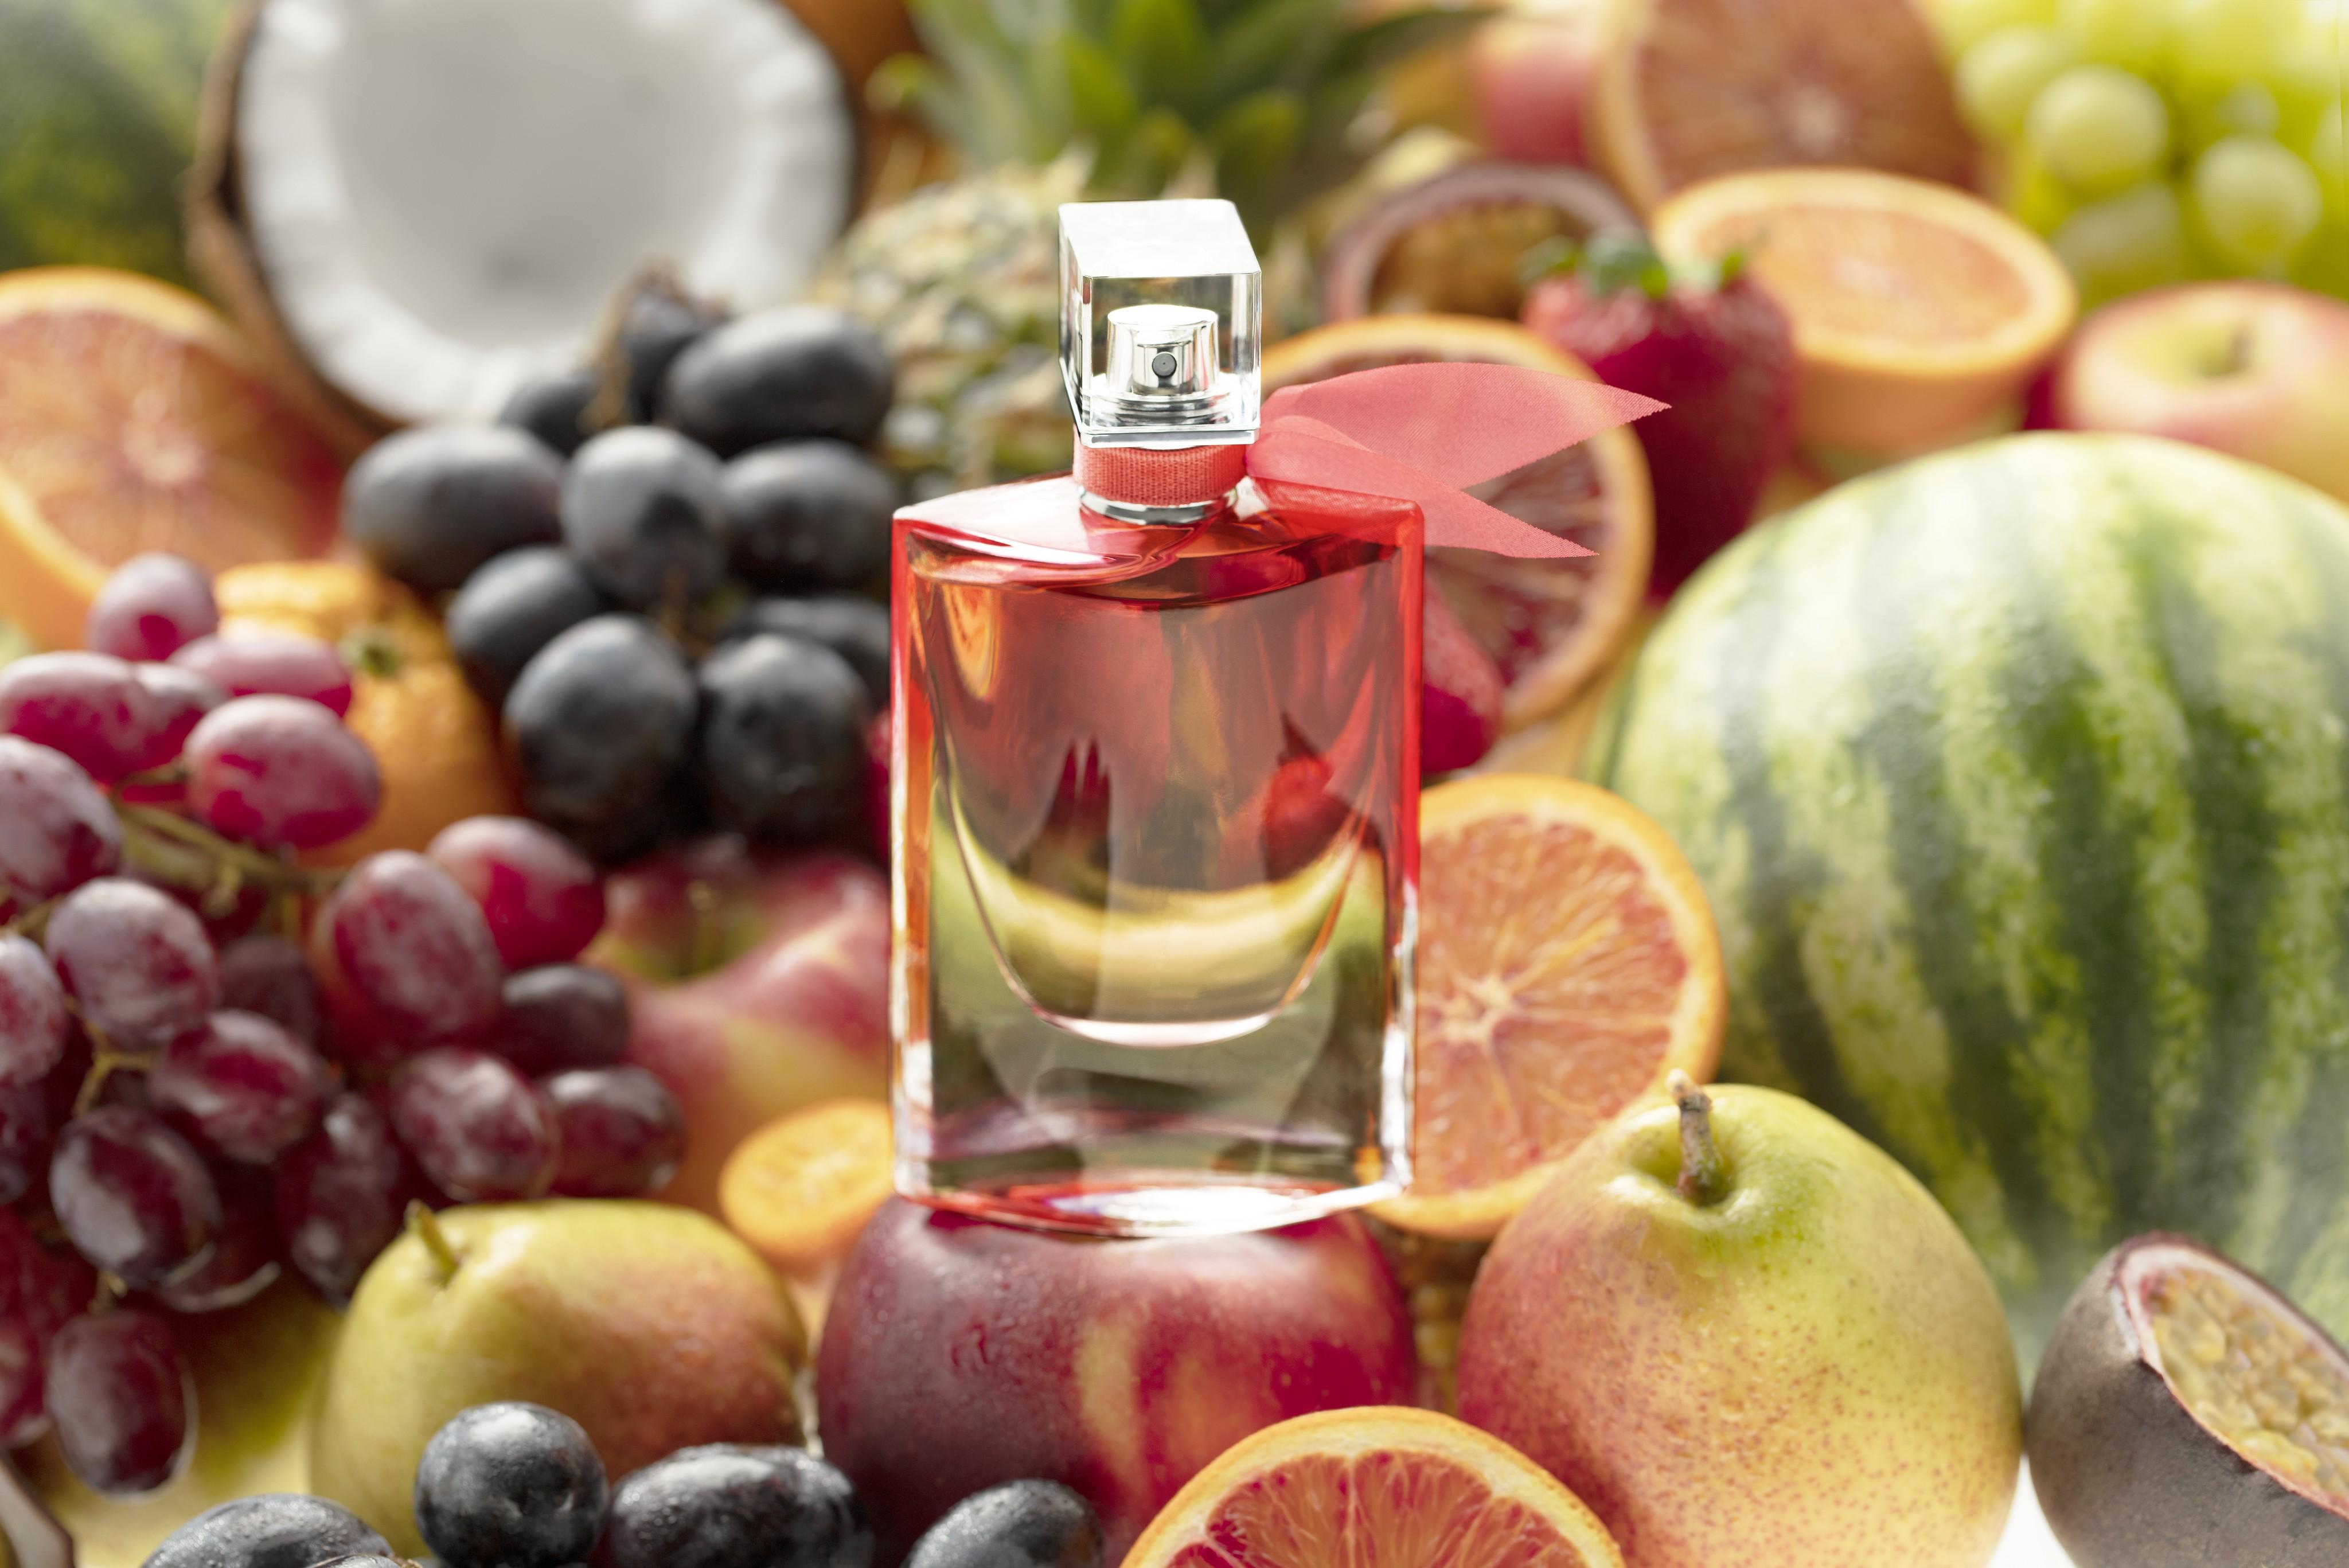 Fragrance-product-fruity-fragranceworld-scents-v4-Web-Rendition